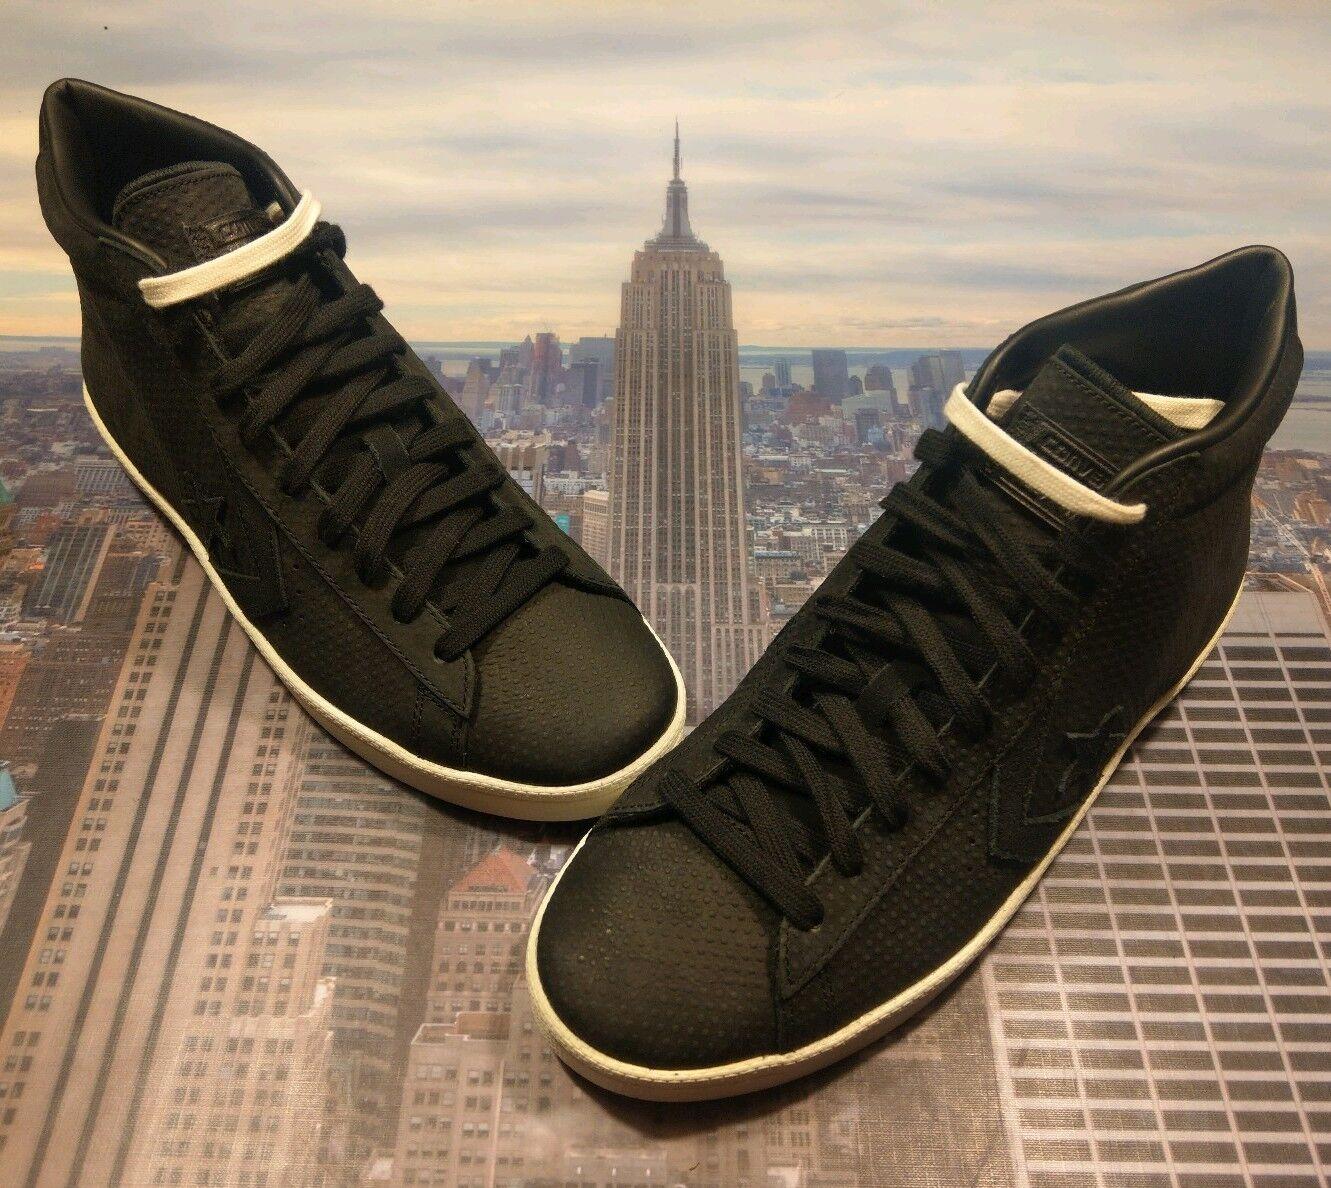 Converse PL Pro Leather Leather Leather 76 Mid Top nero nero-Egret Uomo Dimensione 10 155647c New 90441d